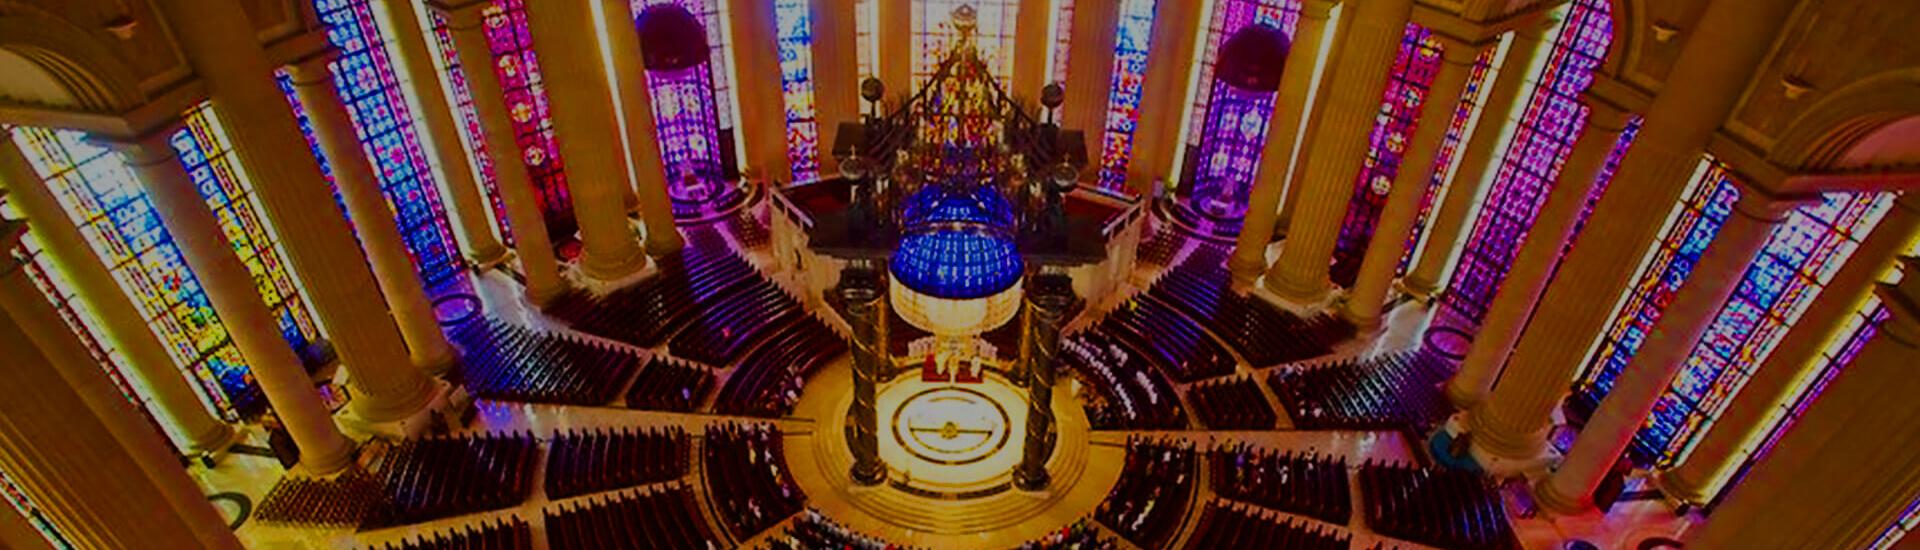 basilique-notre-dame-de-la-paix-inside-Didascalie-Ministry1